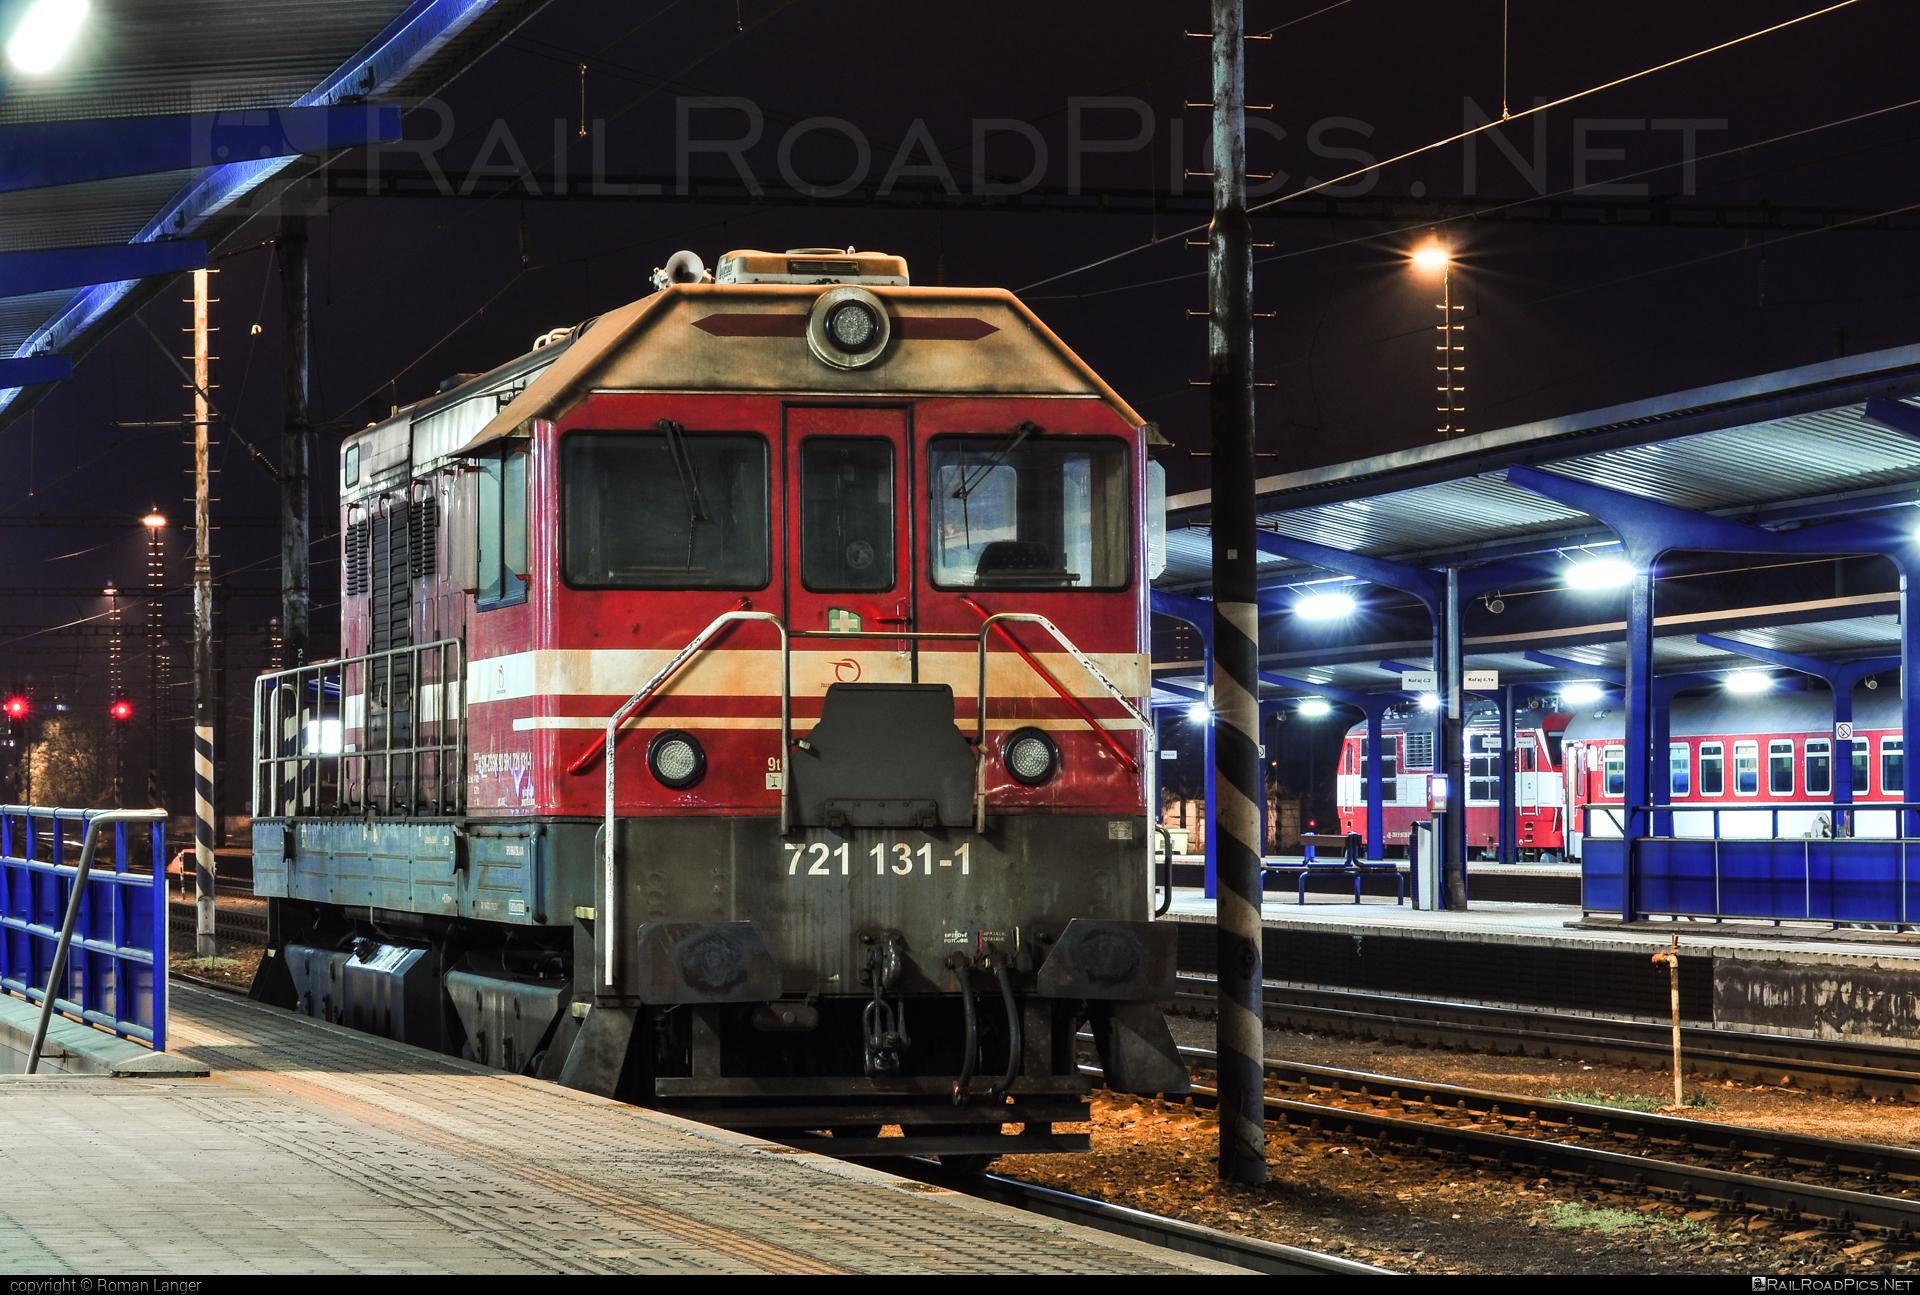 ČKD T 458.1 (721) - 721 131-1 operated by Železničná Spoločnost' Slovensko, a.s. #ZeleznicnaSpolocnostSlovensko #ckd #ckd721 #ckdt4581 #locomotive721 #locomotivet4581 #velkyhektor #zssk